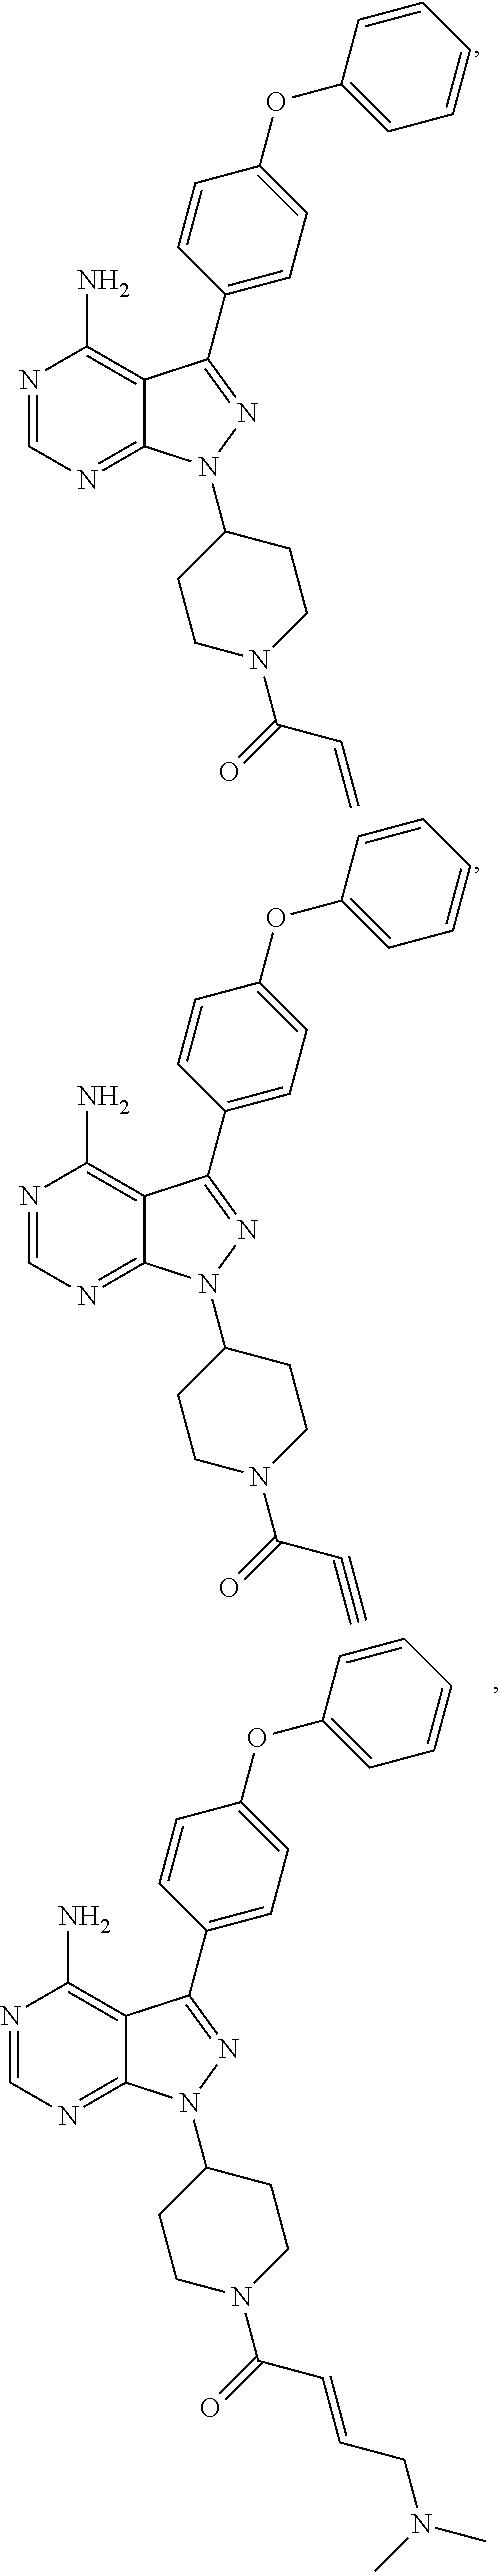 Figure US10004746-20180626-C00035